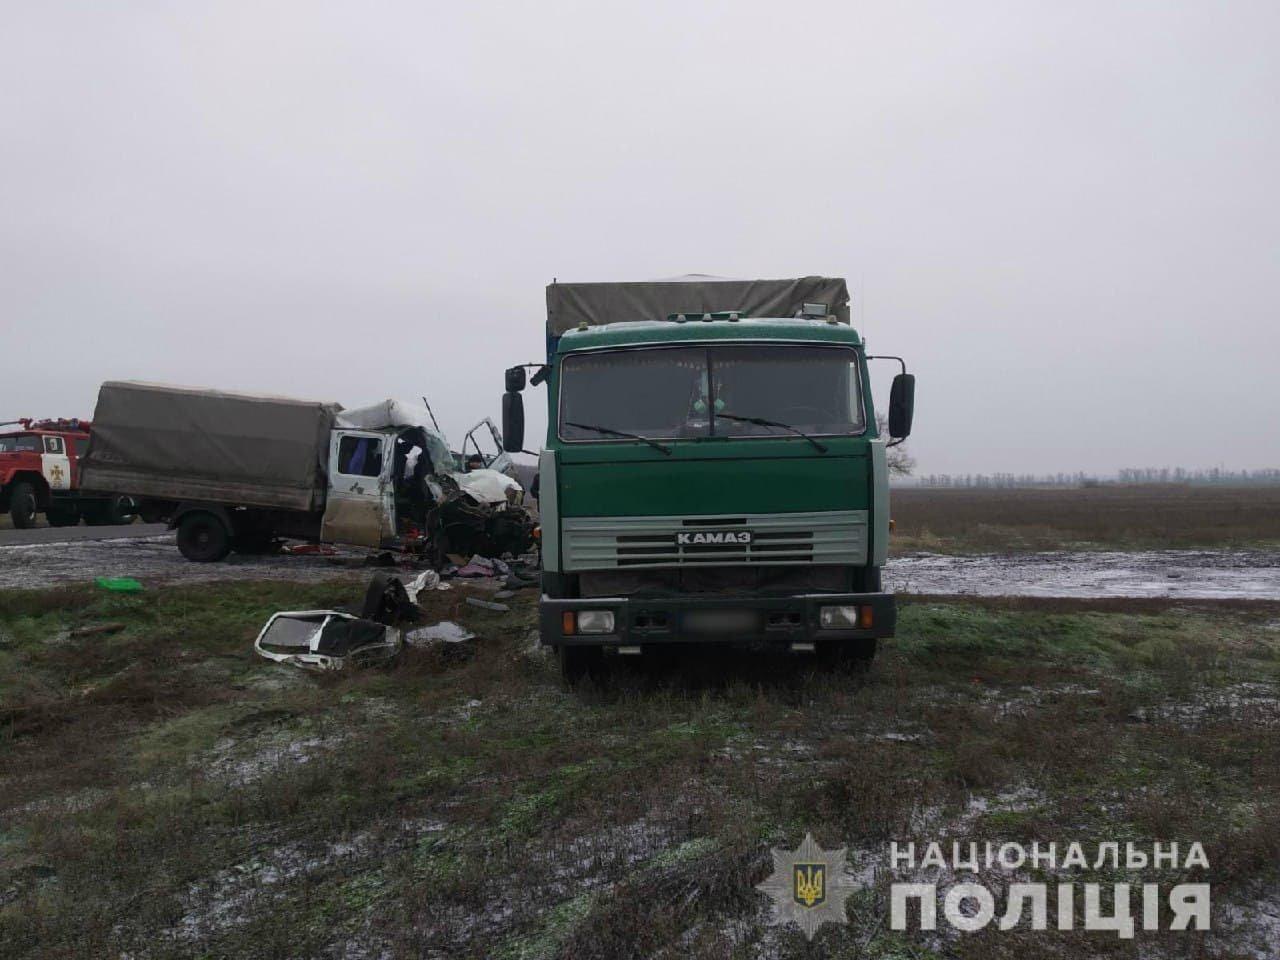 На трассе в Харьковской области столкнулись грузовики: от удара одну из машин смяло, есть пострадавший, - ФОТО, фото-3